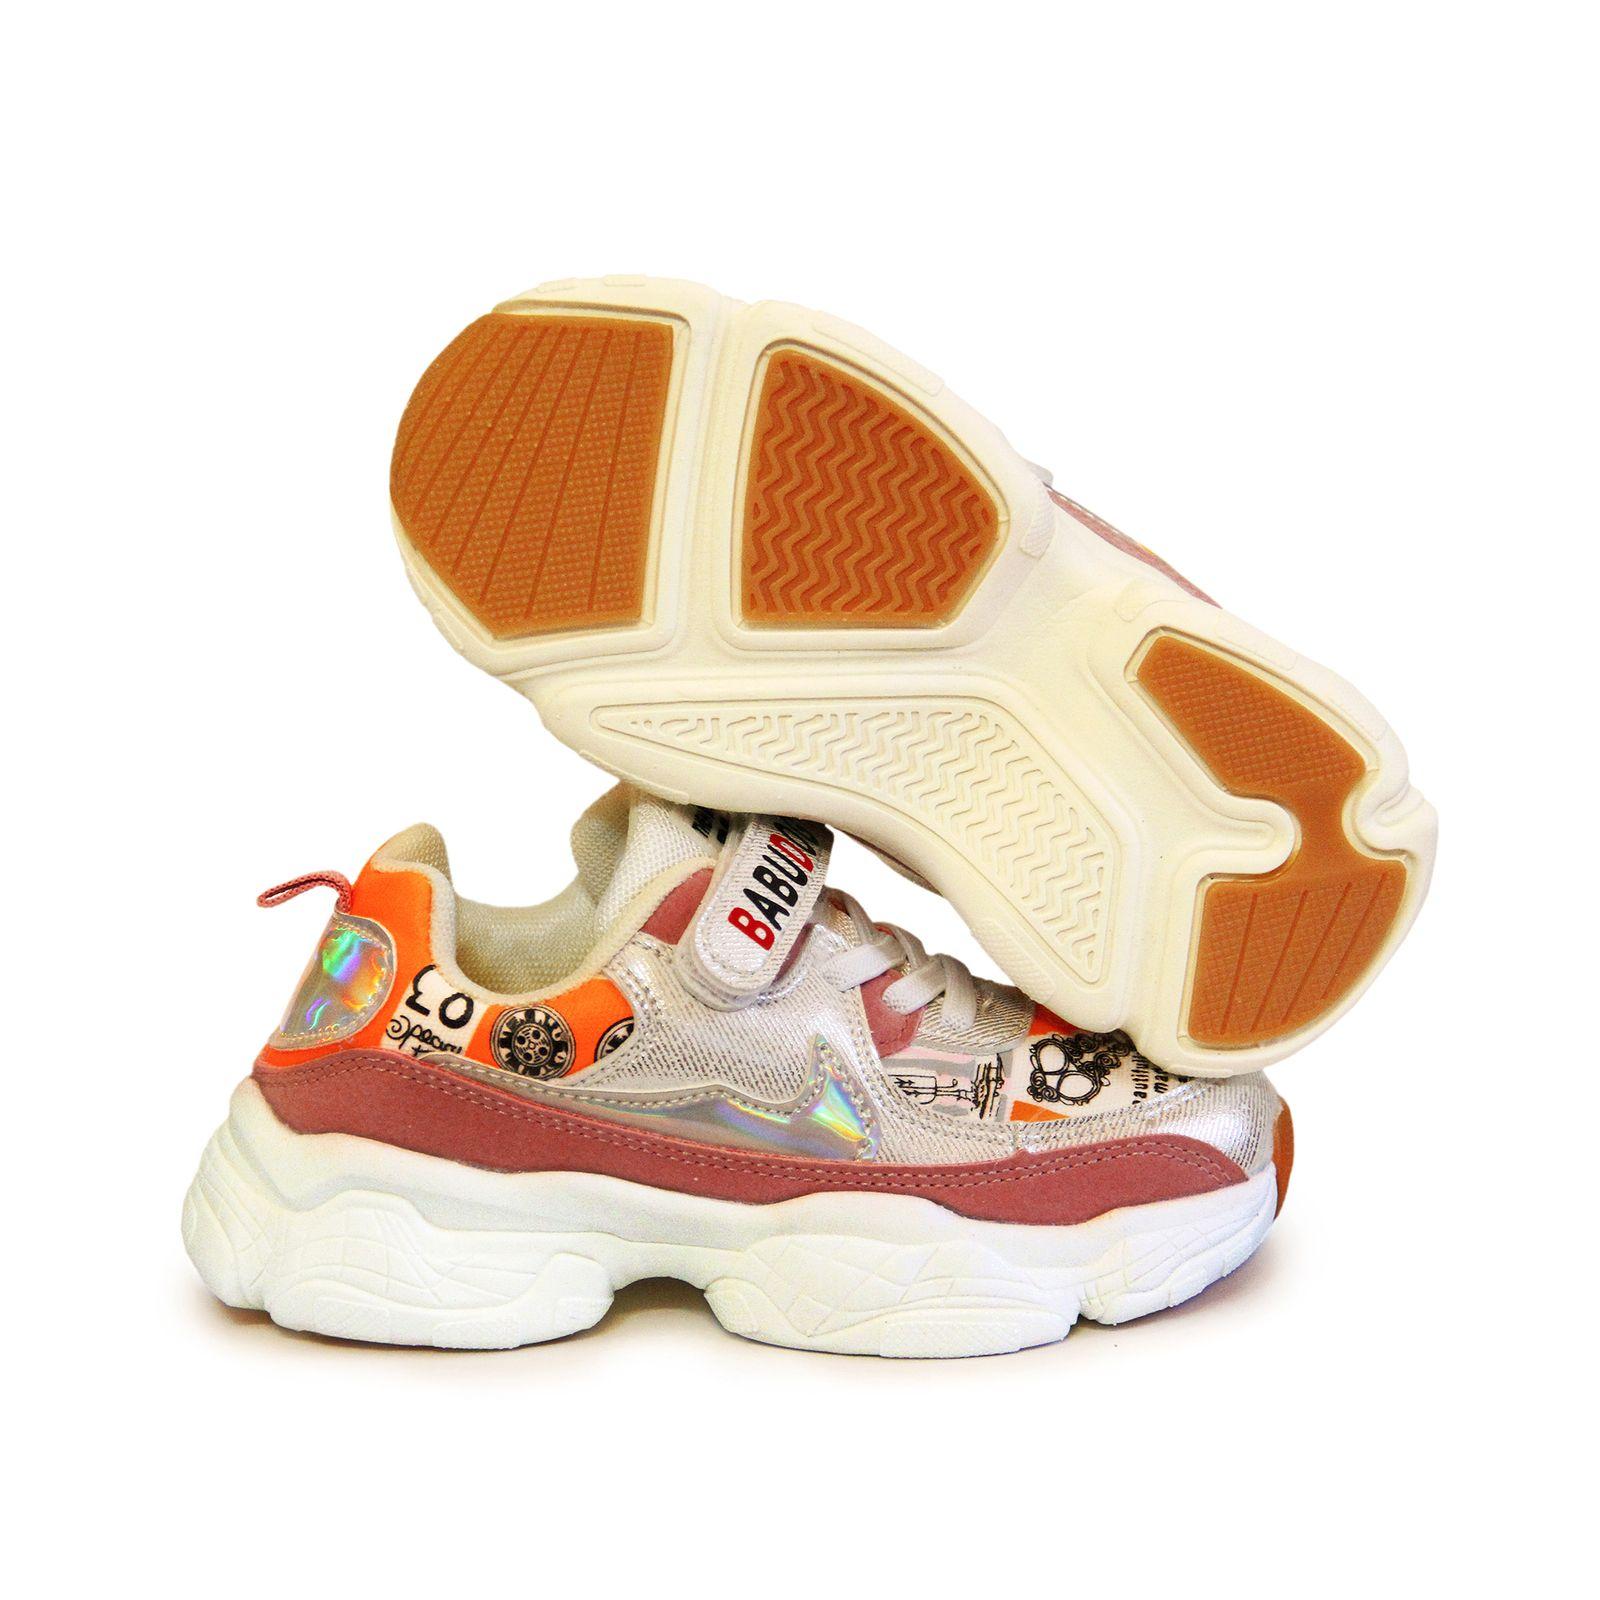 کفش راحتی دخترانه بابوداگ کد ۴۰۷ -  - 2